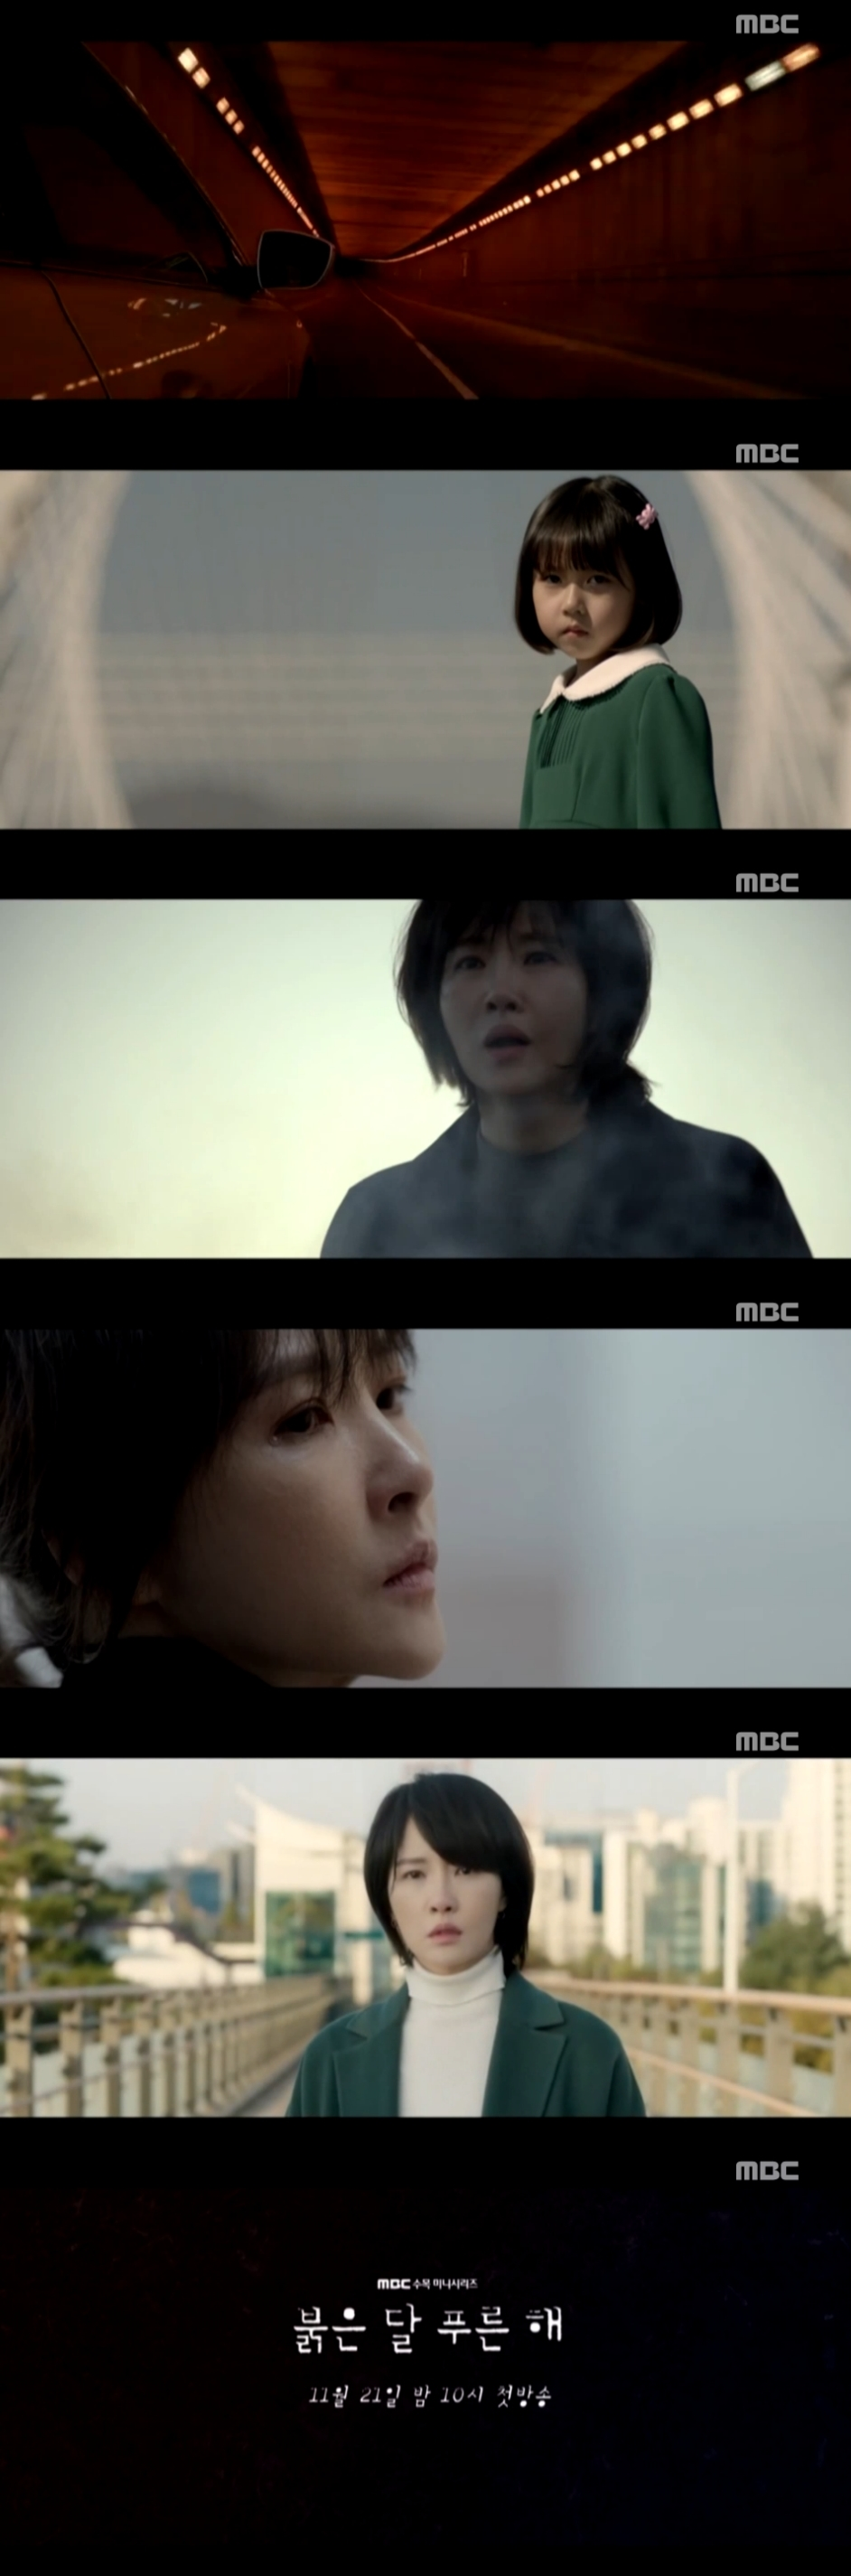 '붉은 달 푸른 해' 김선아, 2차 티저서 압도적 존재감 발산